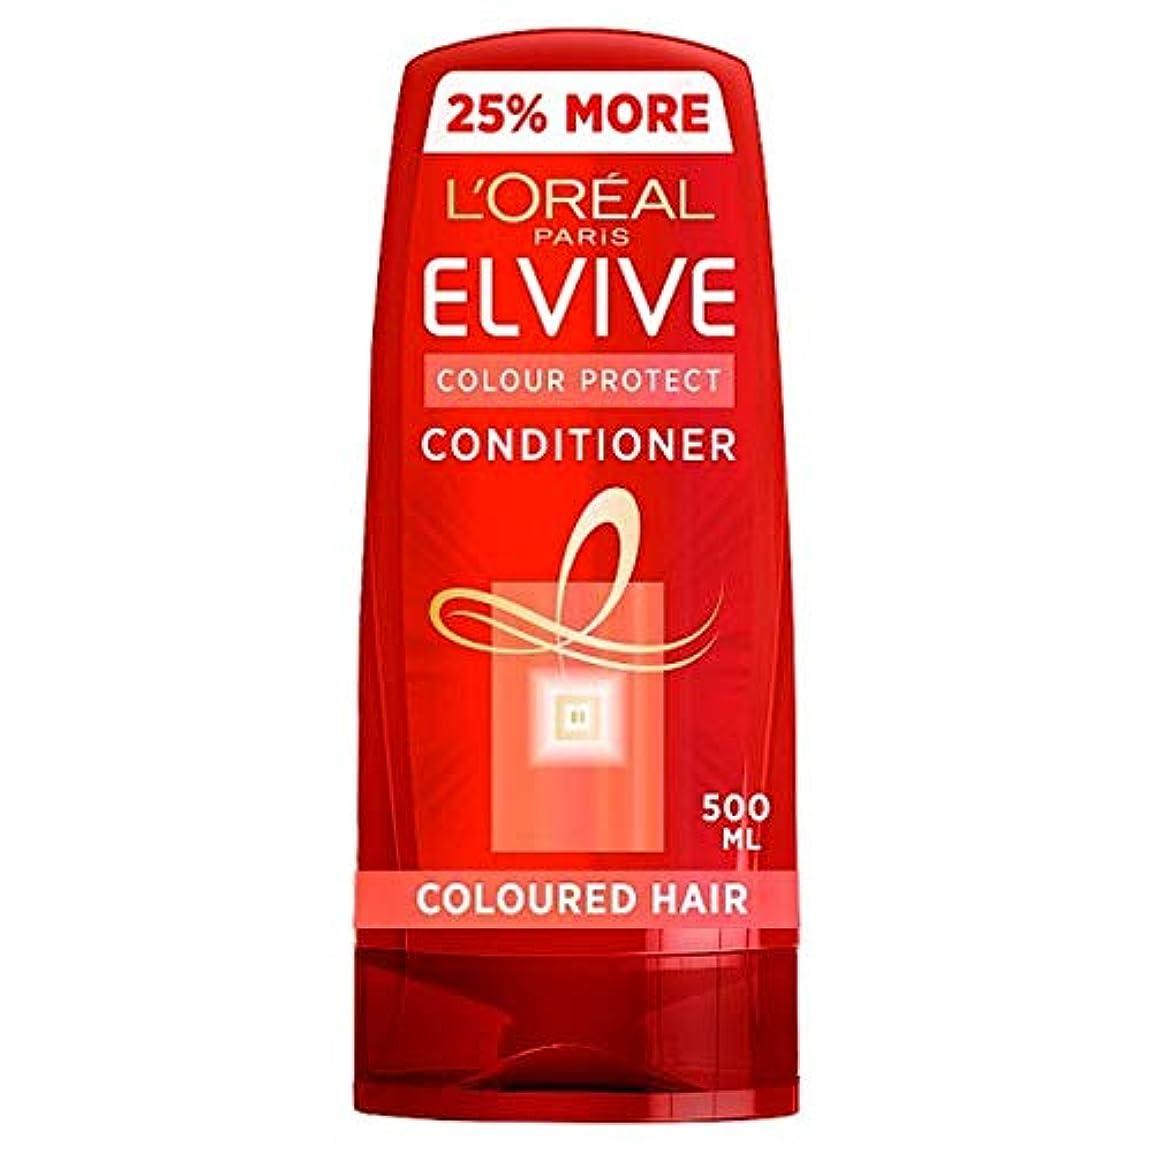 追い付くアドバイスイディオム[Elvive] ロレアルのElviveの色は、着色ヘアコンディショナー500ミリリットルを保護します - L'oreal Elvive Colour Protect Coloured Hair Conditioner...